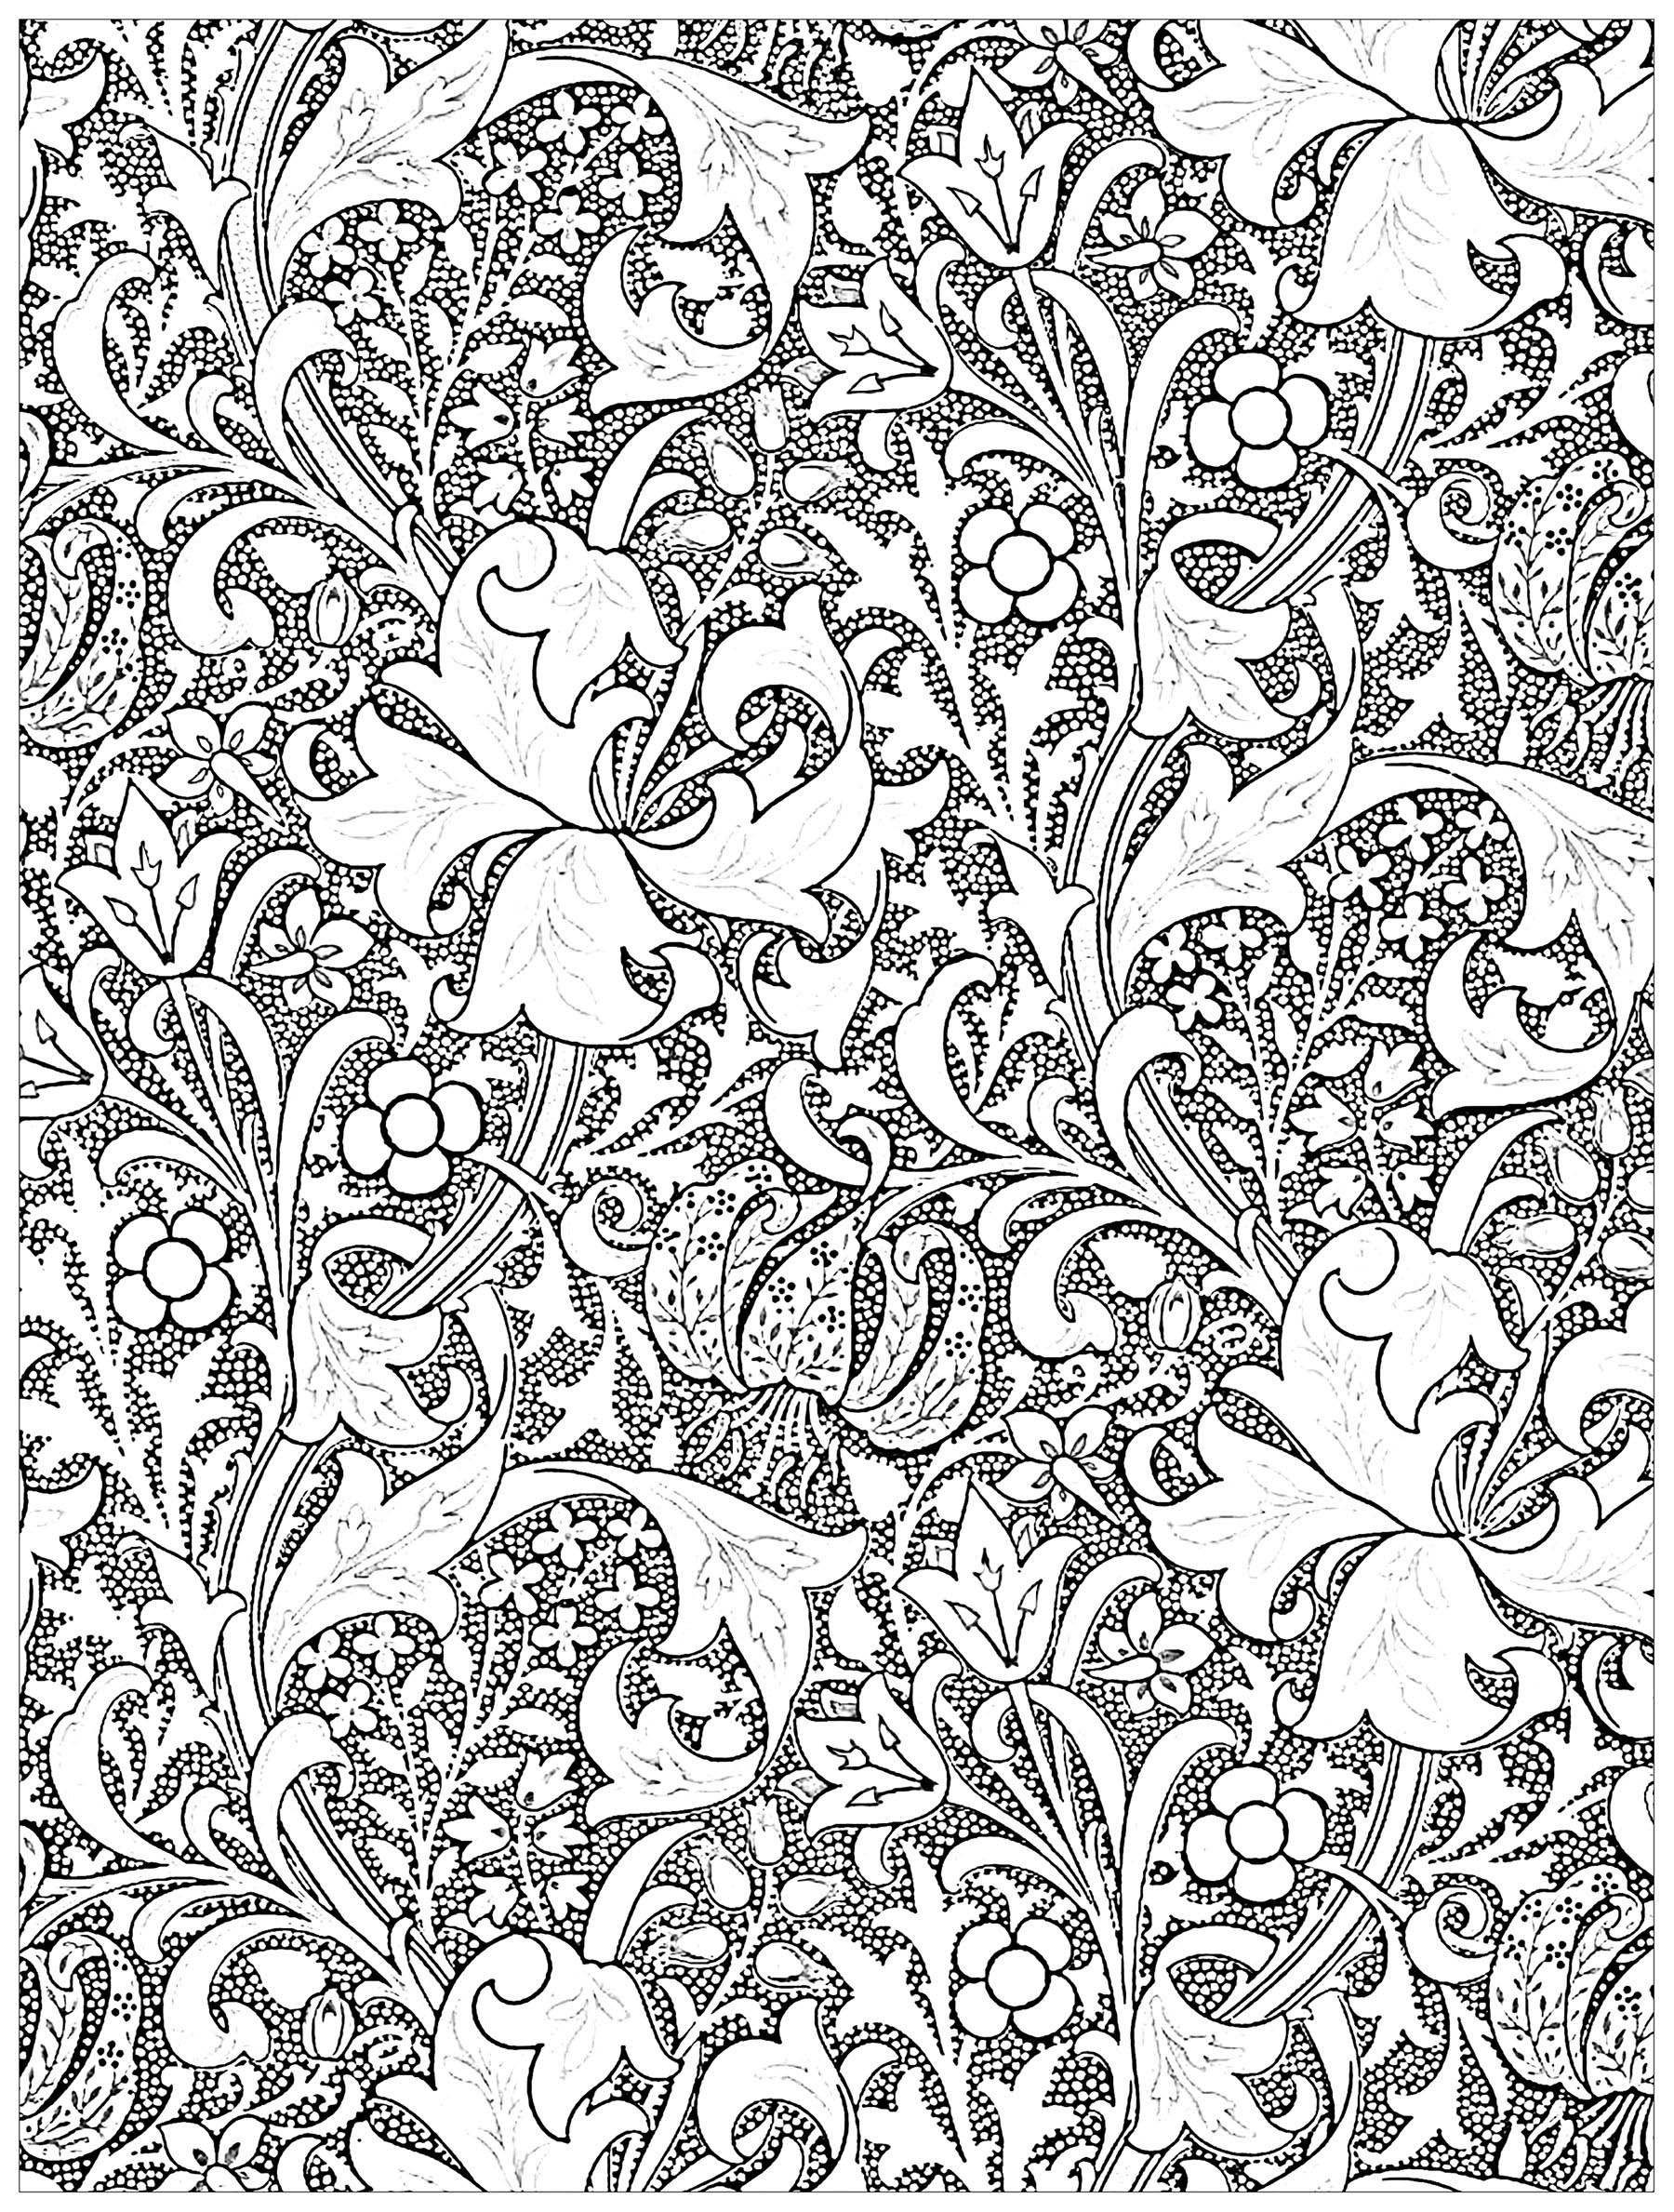 Disegni da colorare per adulti : Art nouveau - 29